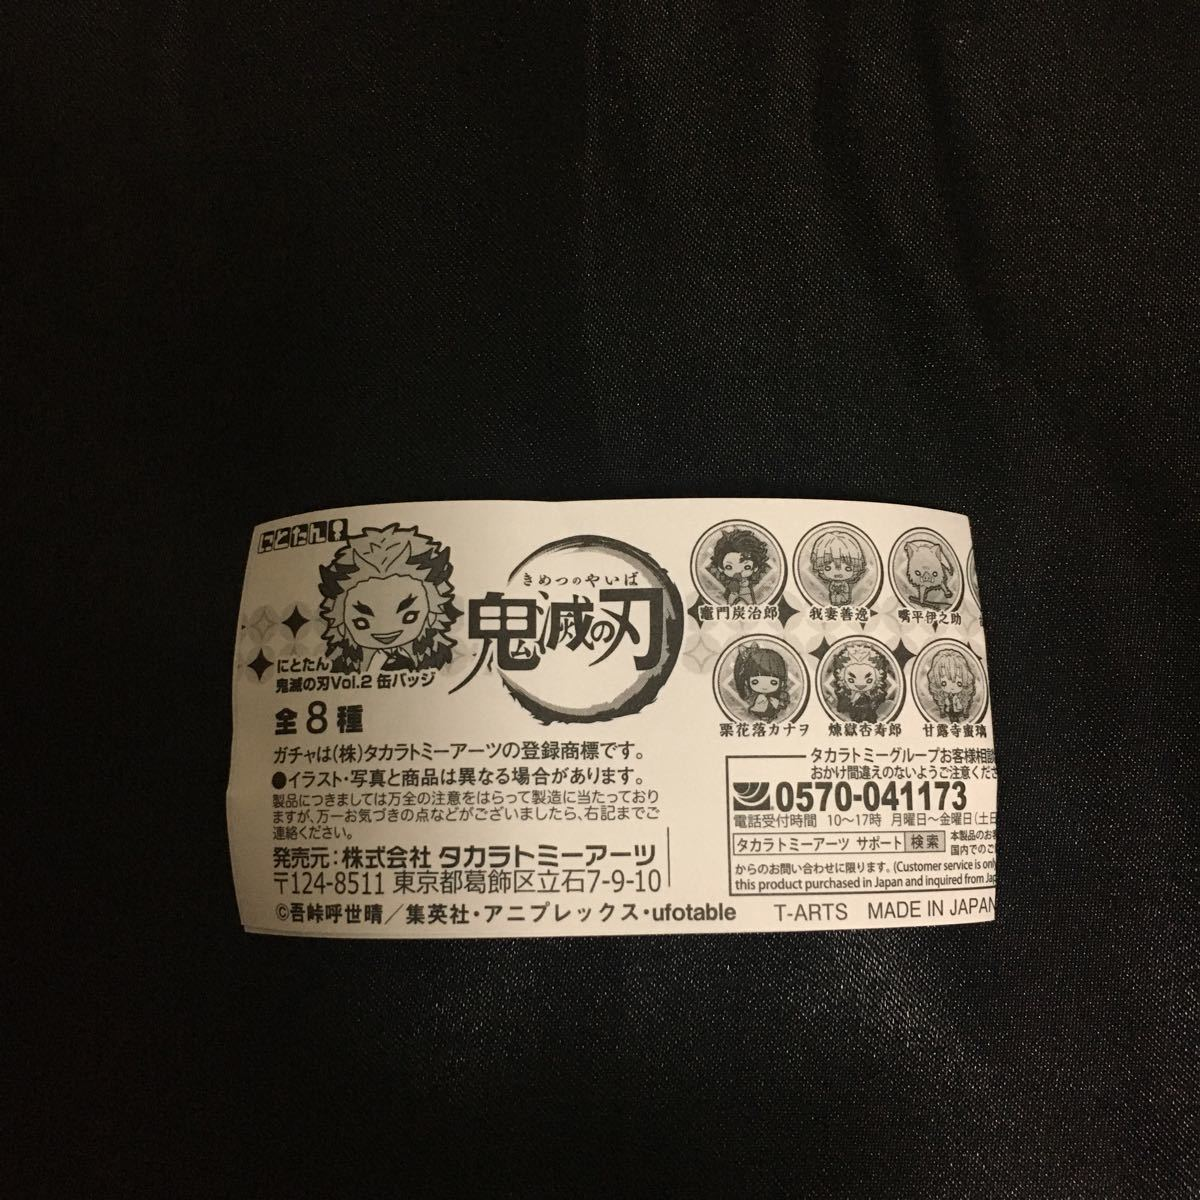 鬼滅の刃 にとたんVol.2 煉獄杏寿郎缶バッジ